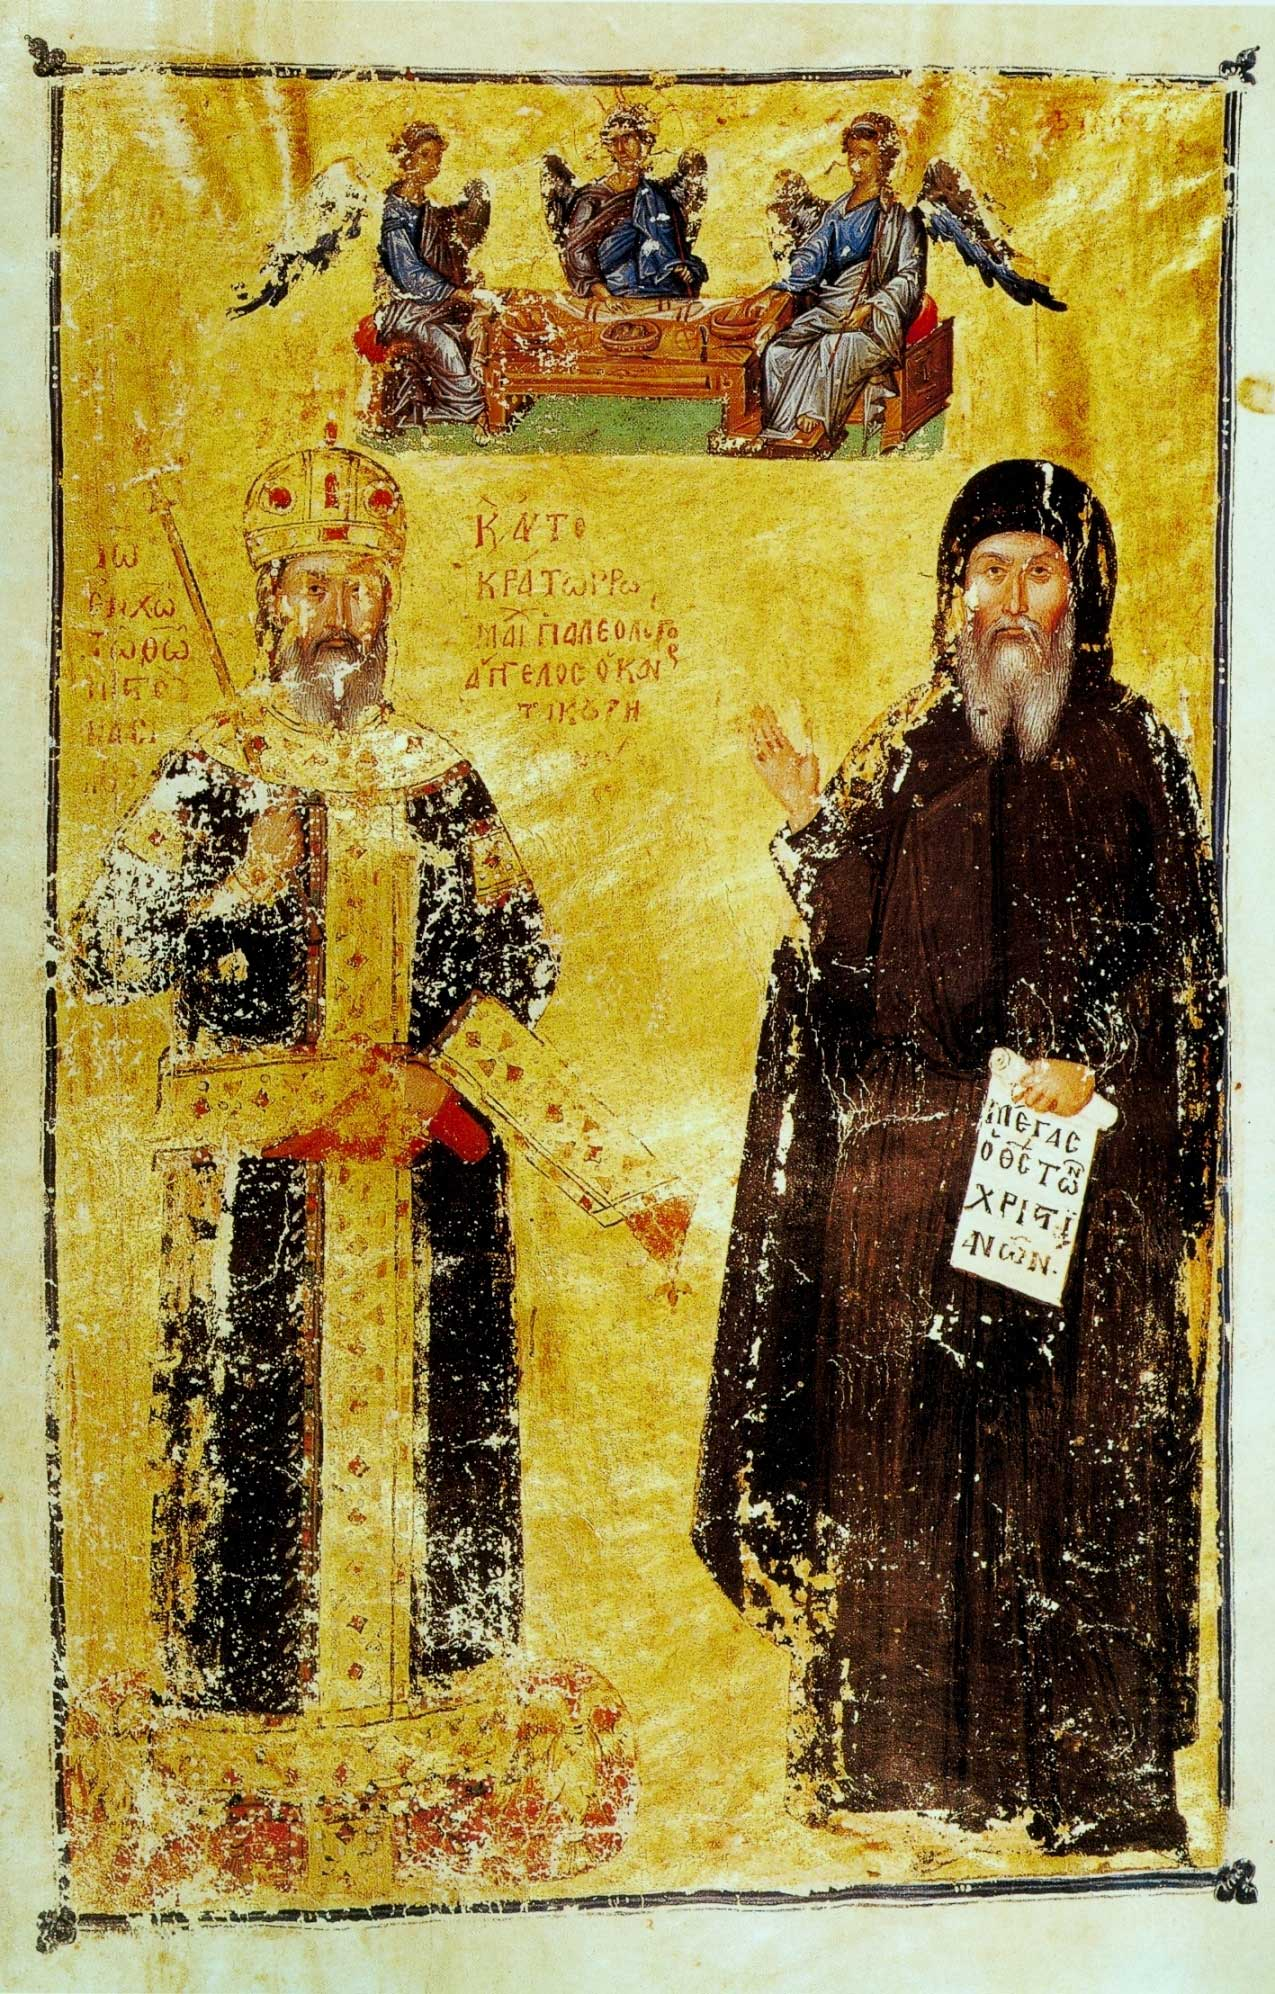 Иоанн VI Кантакузин в одеждах императора и монаха